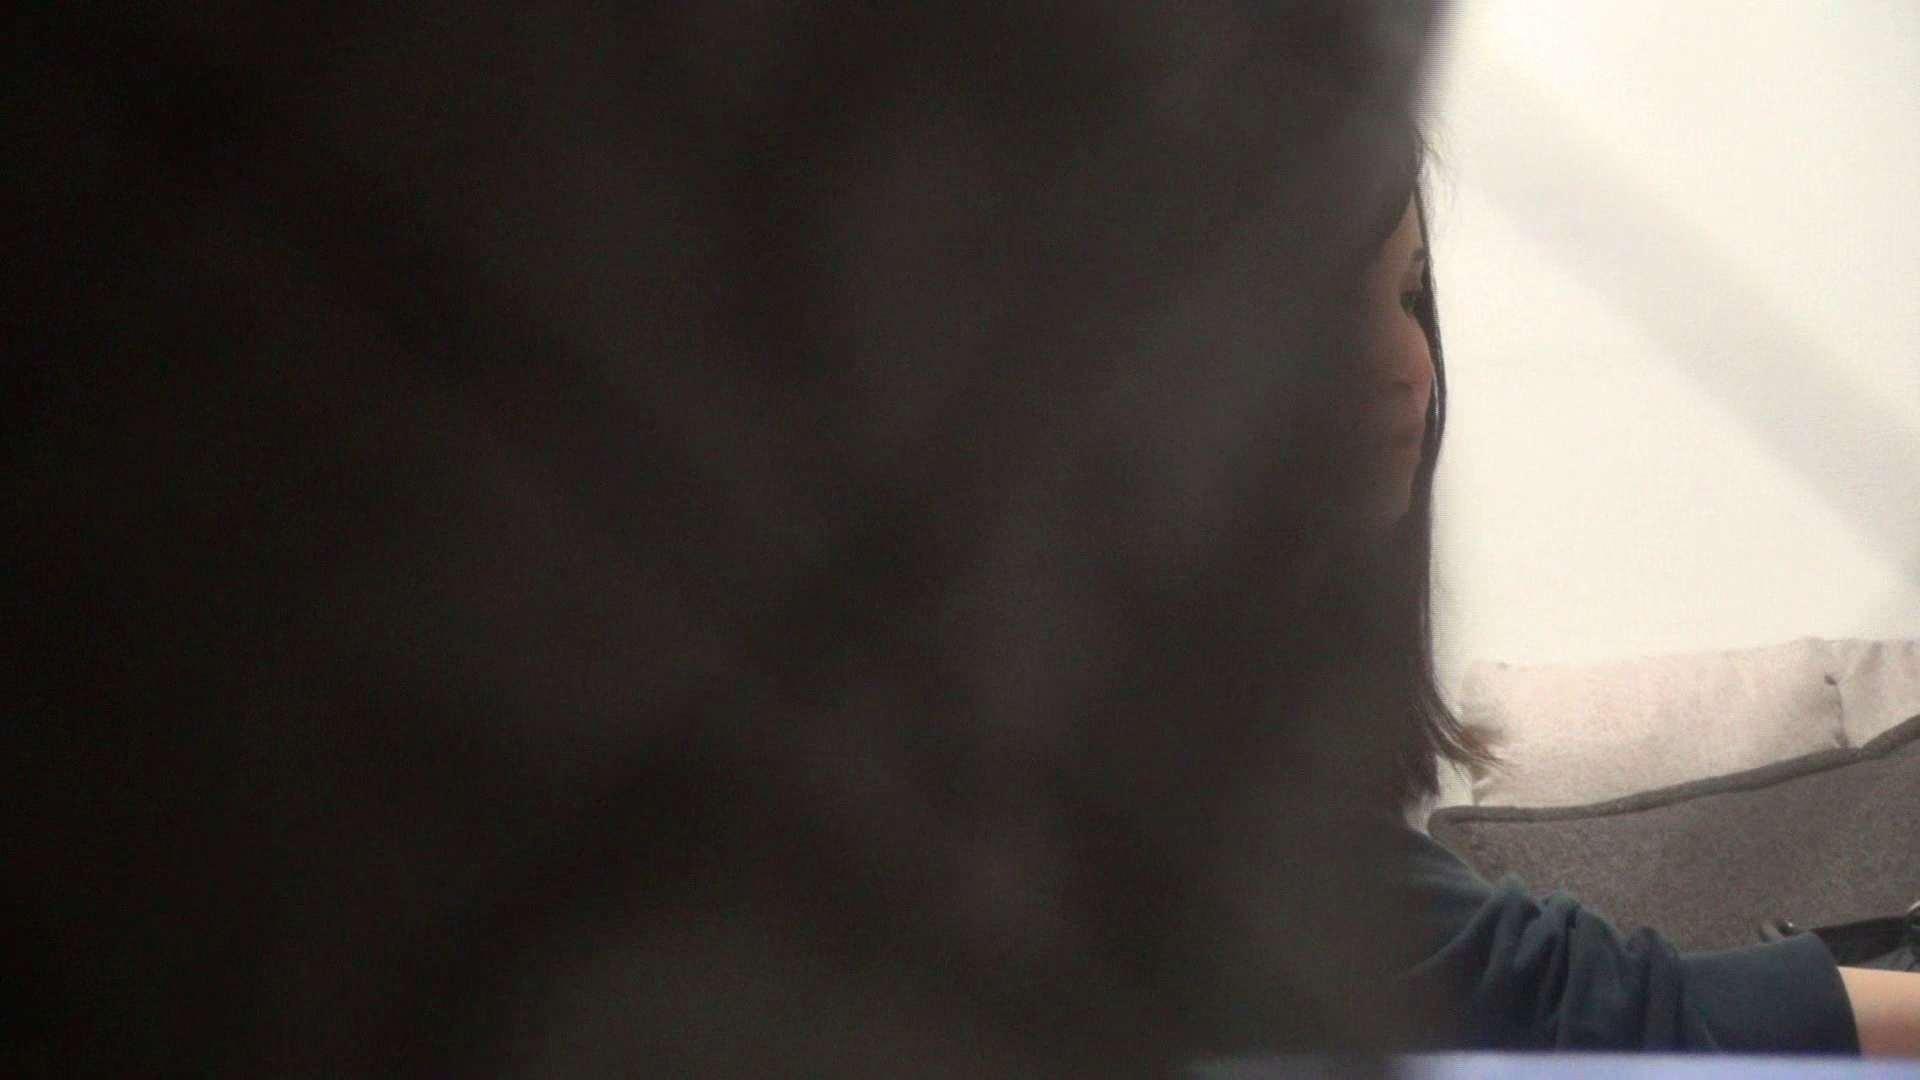 【05】仕事が忙しくて・・・久しぶりにベランダで待ち伏せ おまんこ おめこ無修正画像 72連発 49